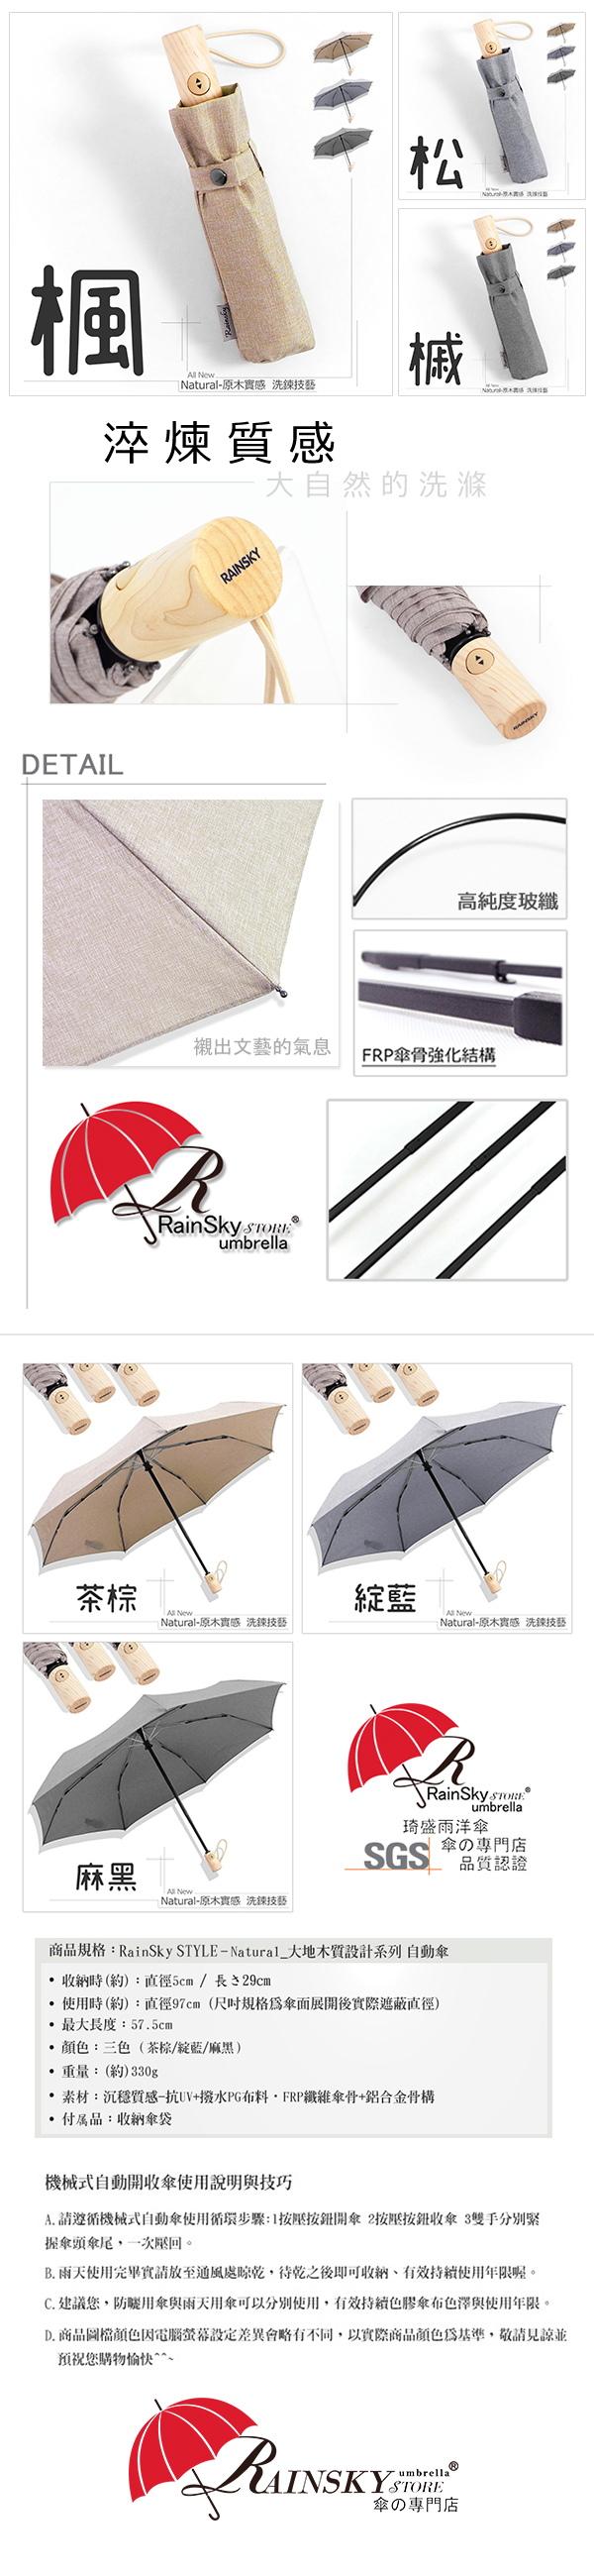 #三折傘 #雨傘 #防風傘 #洋傘 #折疊傘 #陽傘 #自動傘 #大傘 #撥水傘 #機能傘 #晴雨傘 #抗UV傘 #防曬傘 #傘 #摺疊傘 #褶疊傘 #折傘,雨傘,傘,自動傘,大傘,洋傘,遮陽傘,無敵傘,陽傘,折疊傘,抗UV傘,防風傘,長傘,黑膠傘,反向傘,迷你傘,短傘,三折傘,五折傘,超輕傘,輕傘,撥水,撥水傘,摺疊傘,褶疊傘,遮光傘,高球傘,高爾夫球傘,rainbow傘,rainbow雨傘,rainsky傘,rainsky雨傘